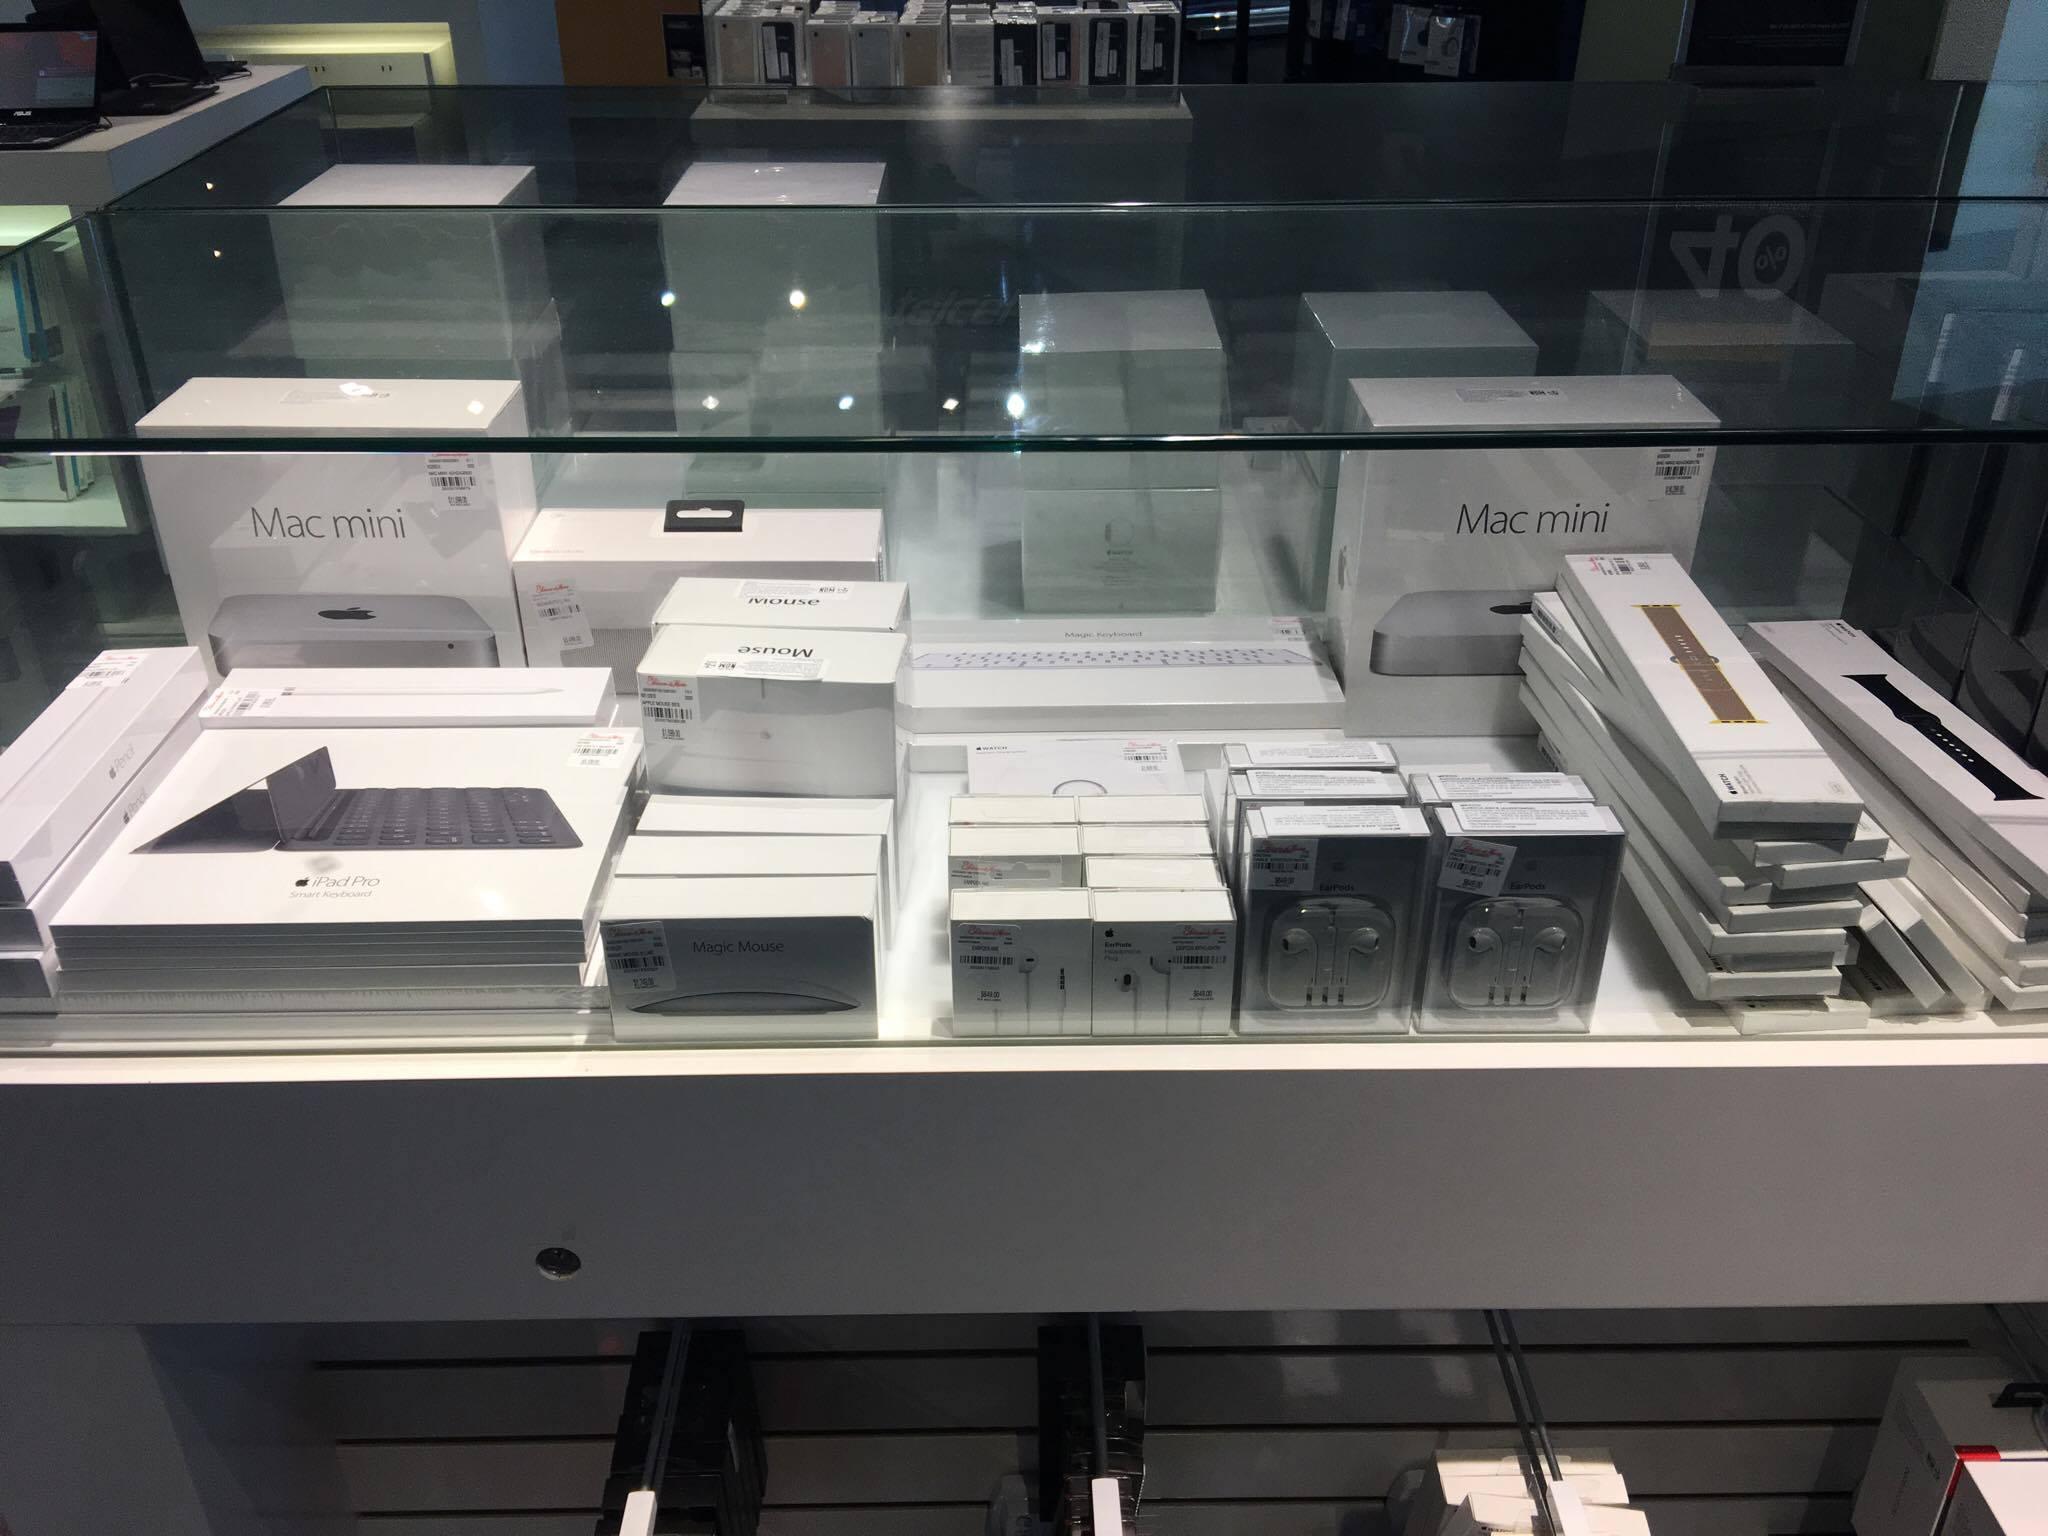 Palacio de Hierro: Apple iWatch 38mm y 42mm, Magic Mouse, Smart Pen, Mac Mini, etc. Descuentos varios +40%+10% o MSI